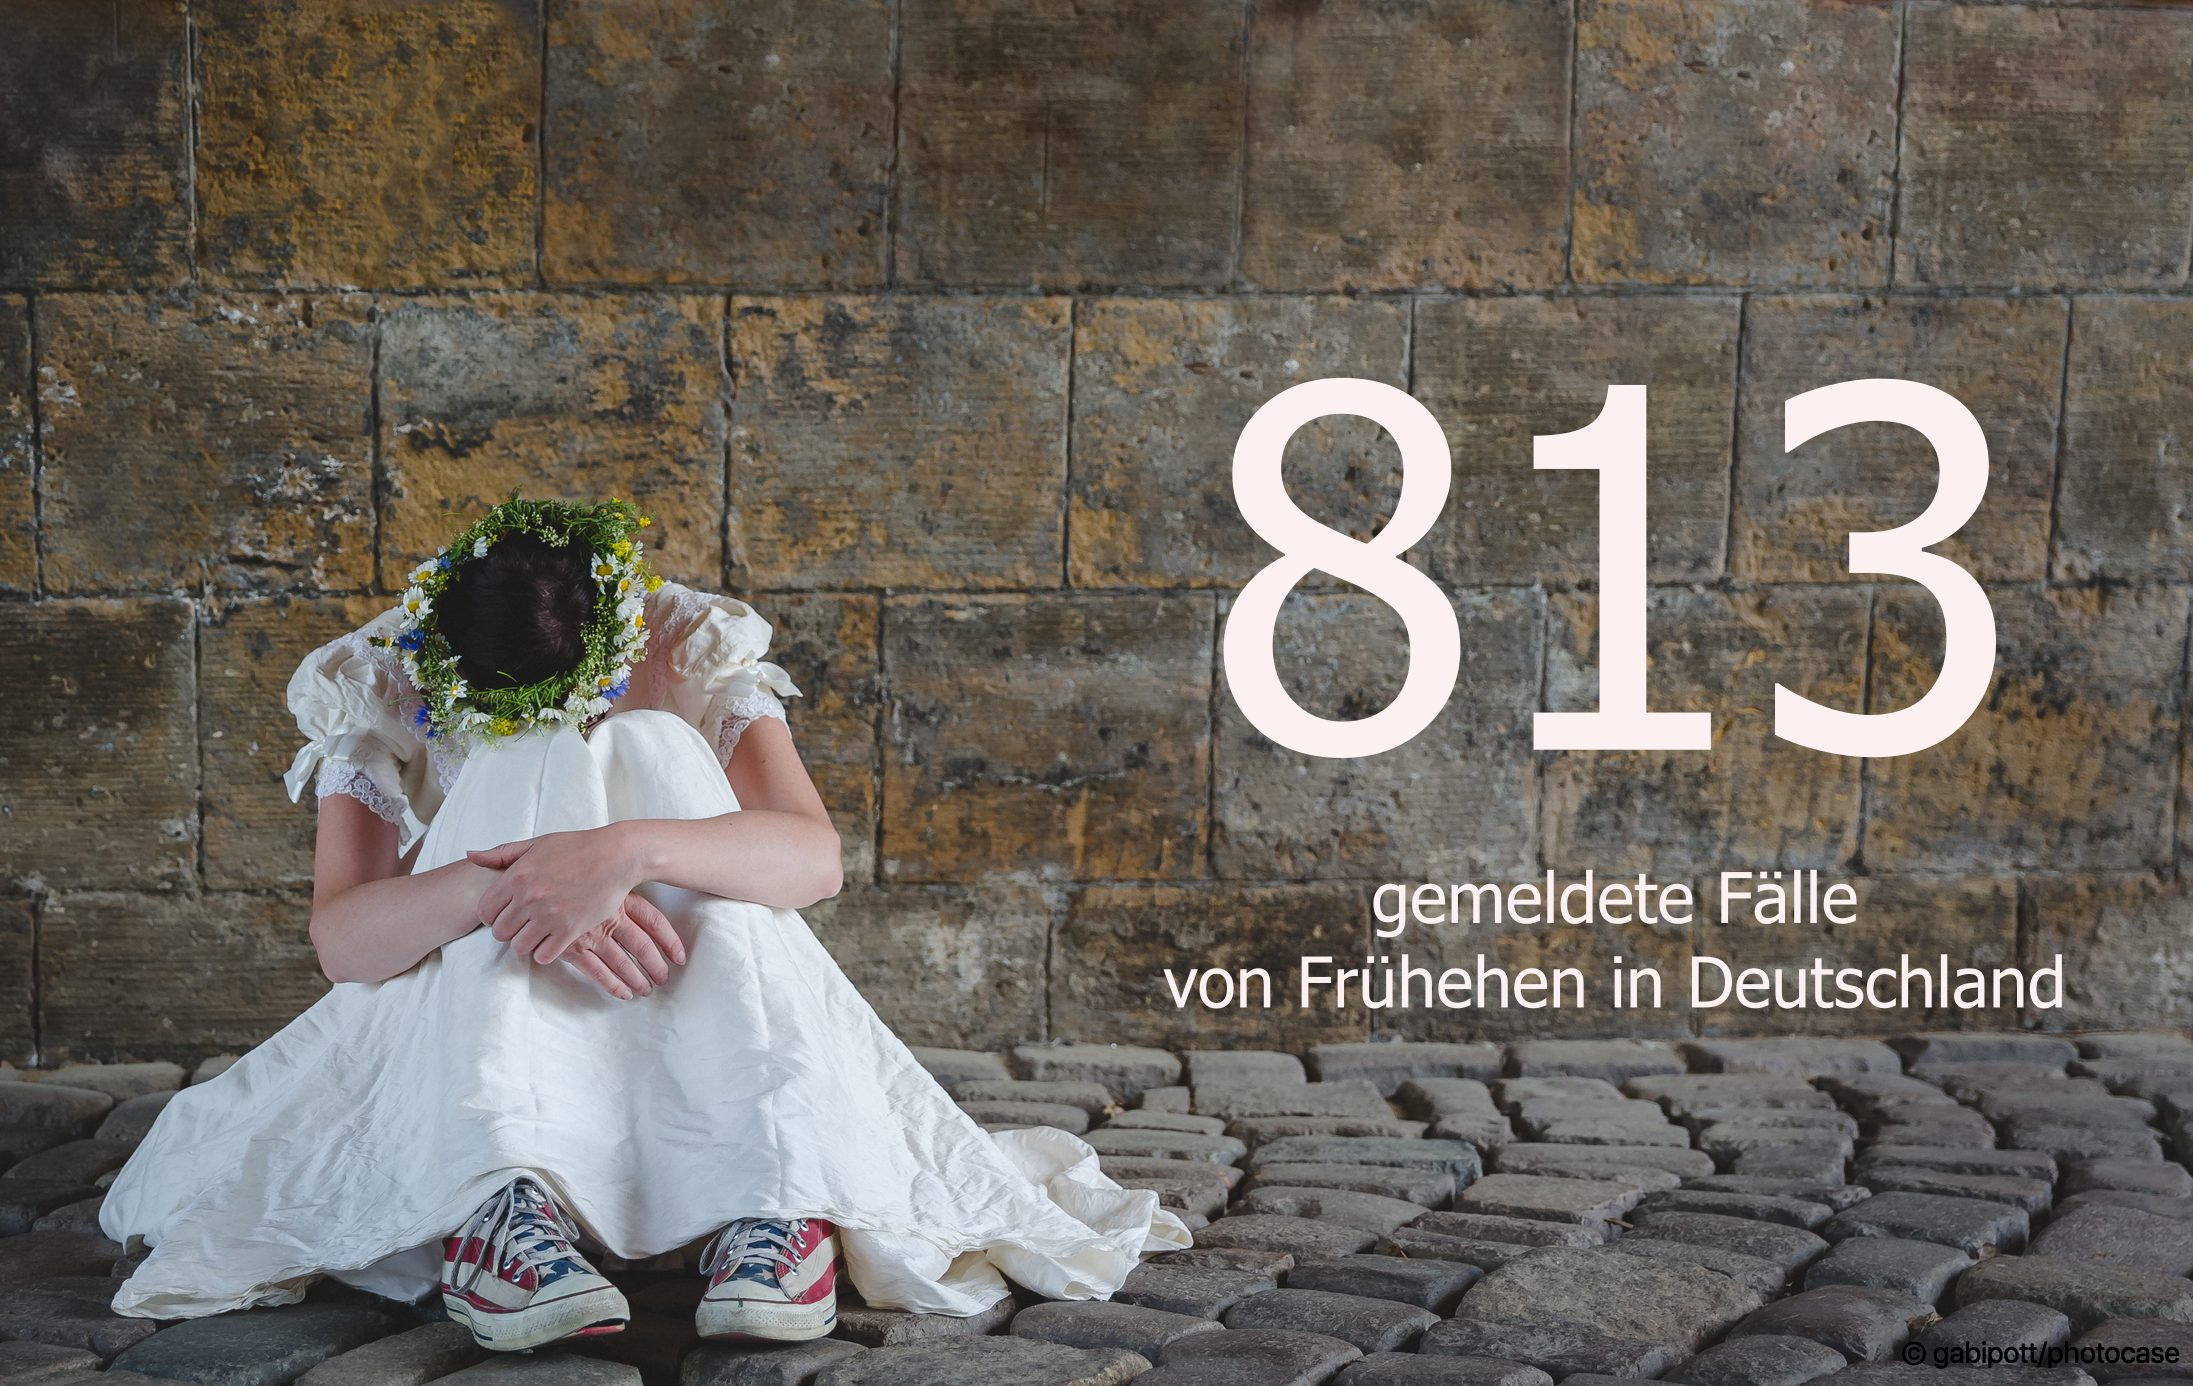 Frühehen: Es ist von 813 Fällen auszugehen. © TERRE DES FEMMES